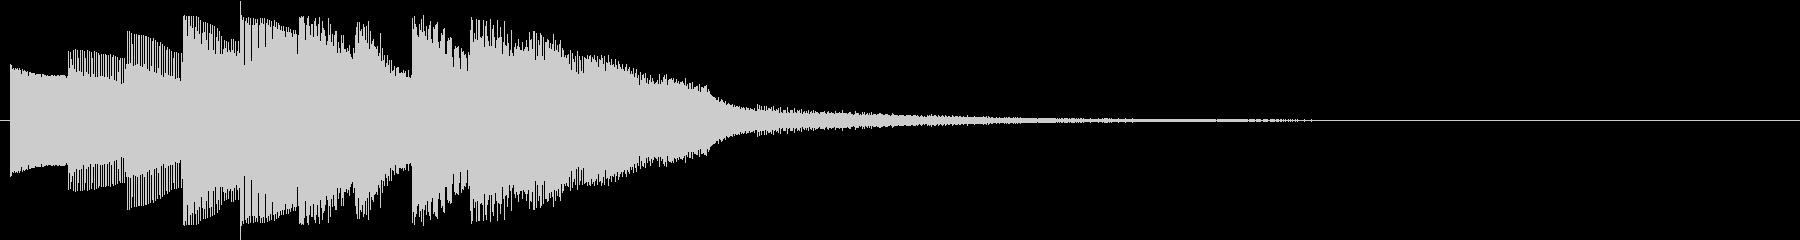 KANTアプリサウンド010228の未再生の波形